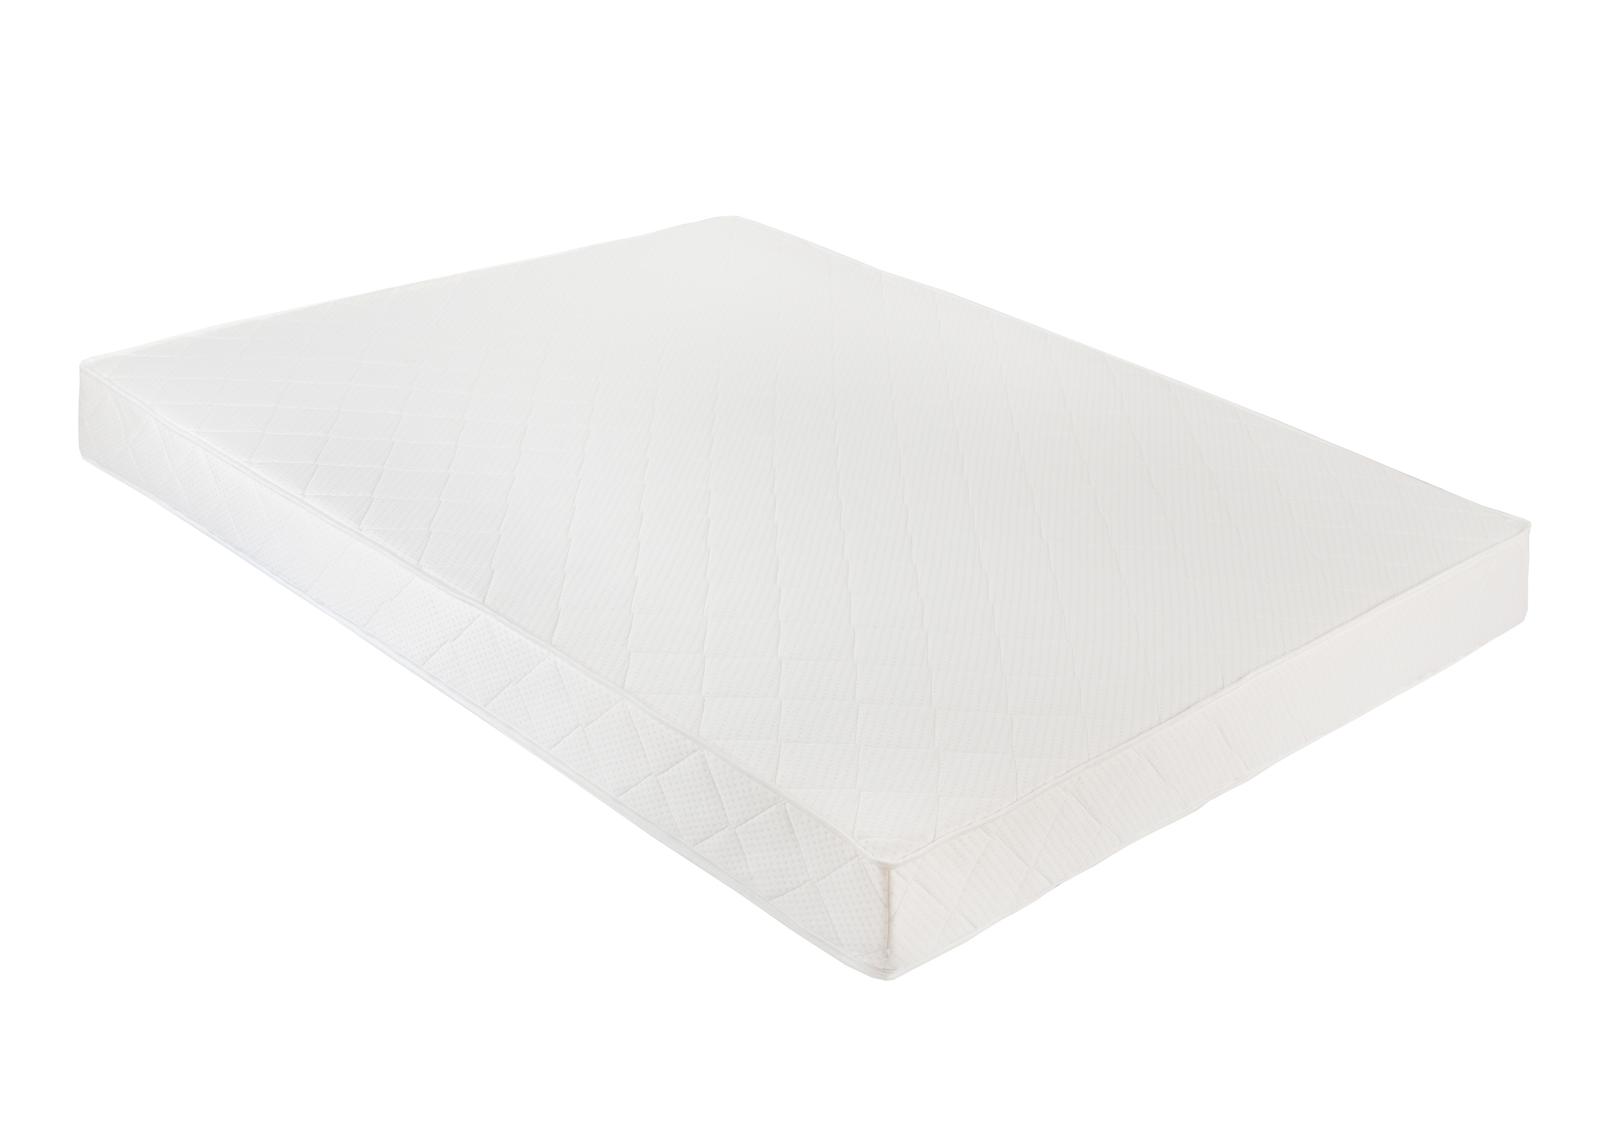 Joustinpatja Pocket Orthopedic 160x200 cm